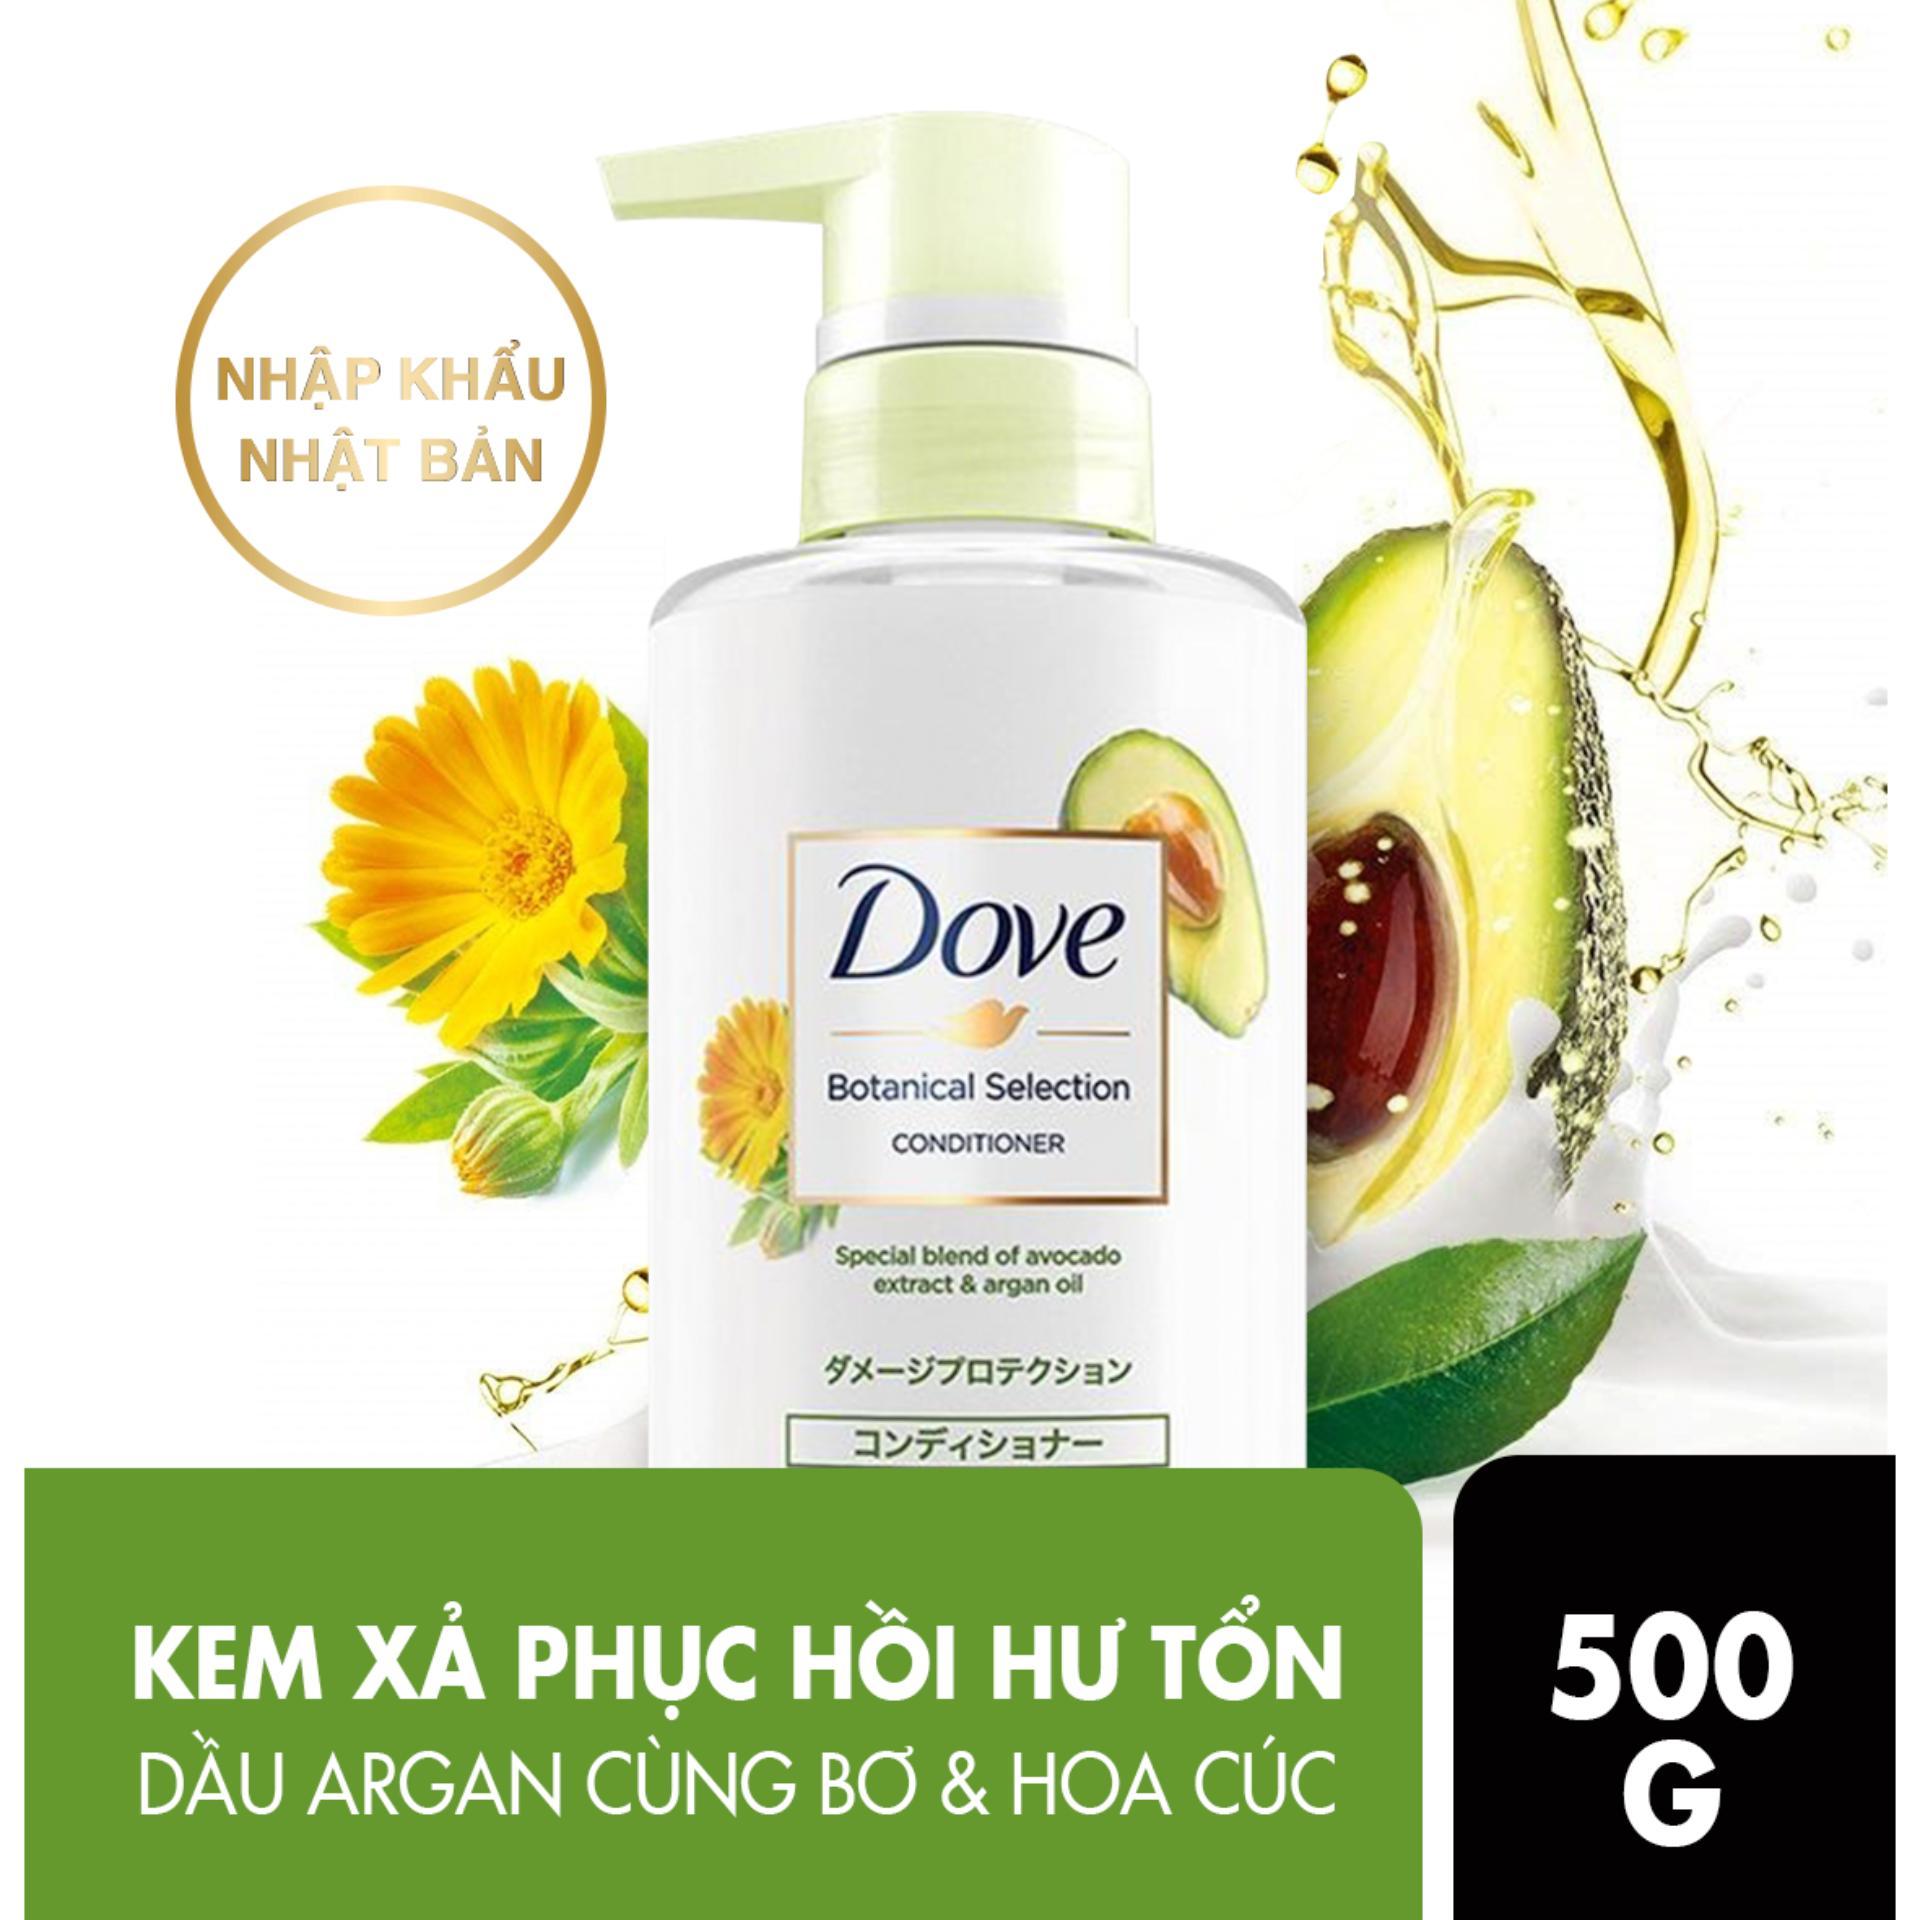 Kem xả Dove phục hồi hư tổn chiết xuất bơ & dầu dầu Argan Botanical Selection 500g tốt nhất